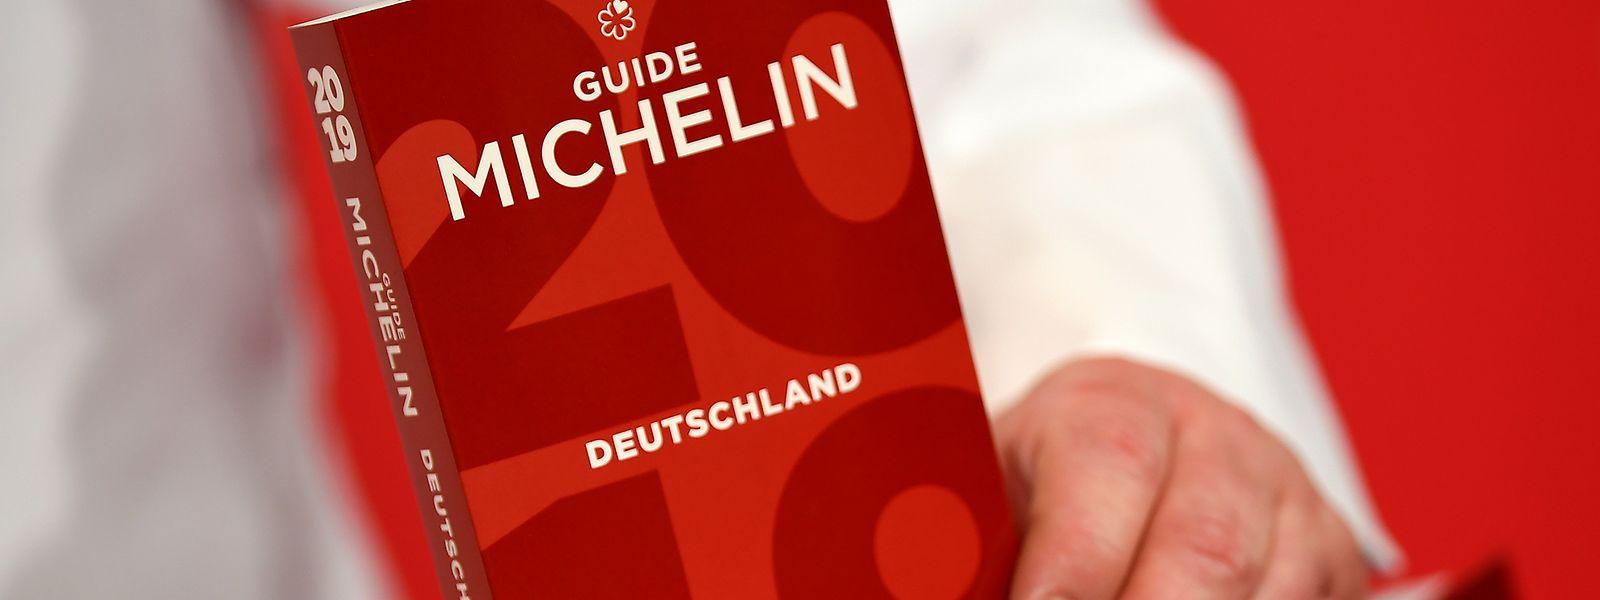 Der Guide Michelin 2019 für Deutschland wurde am Dienstag präsentiert.